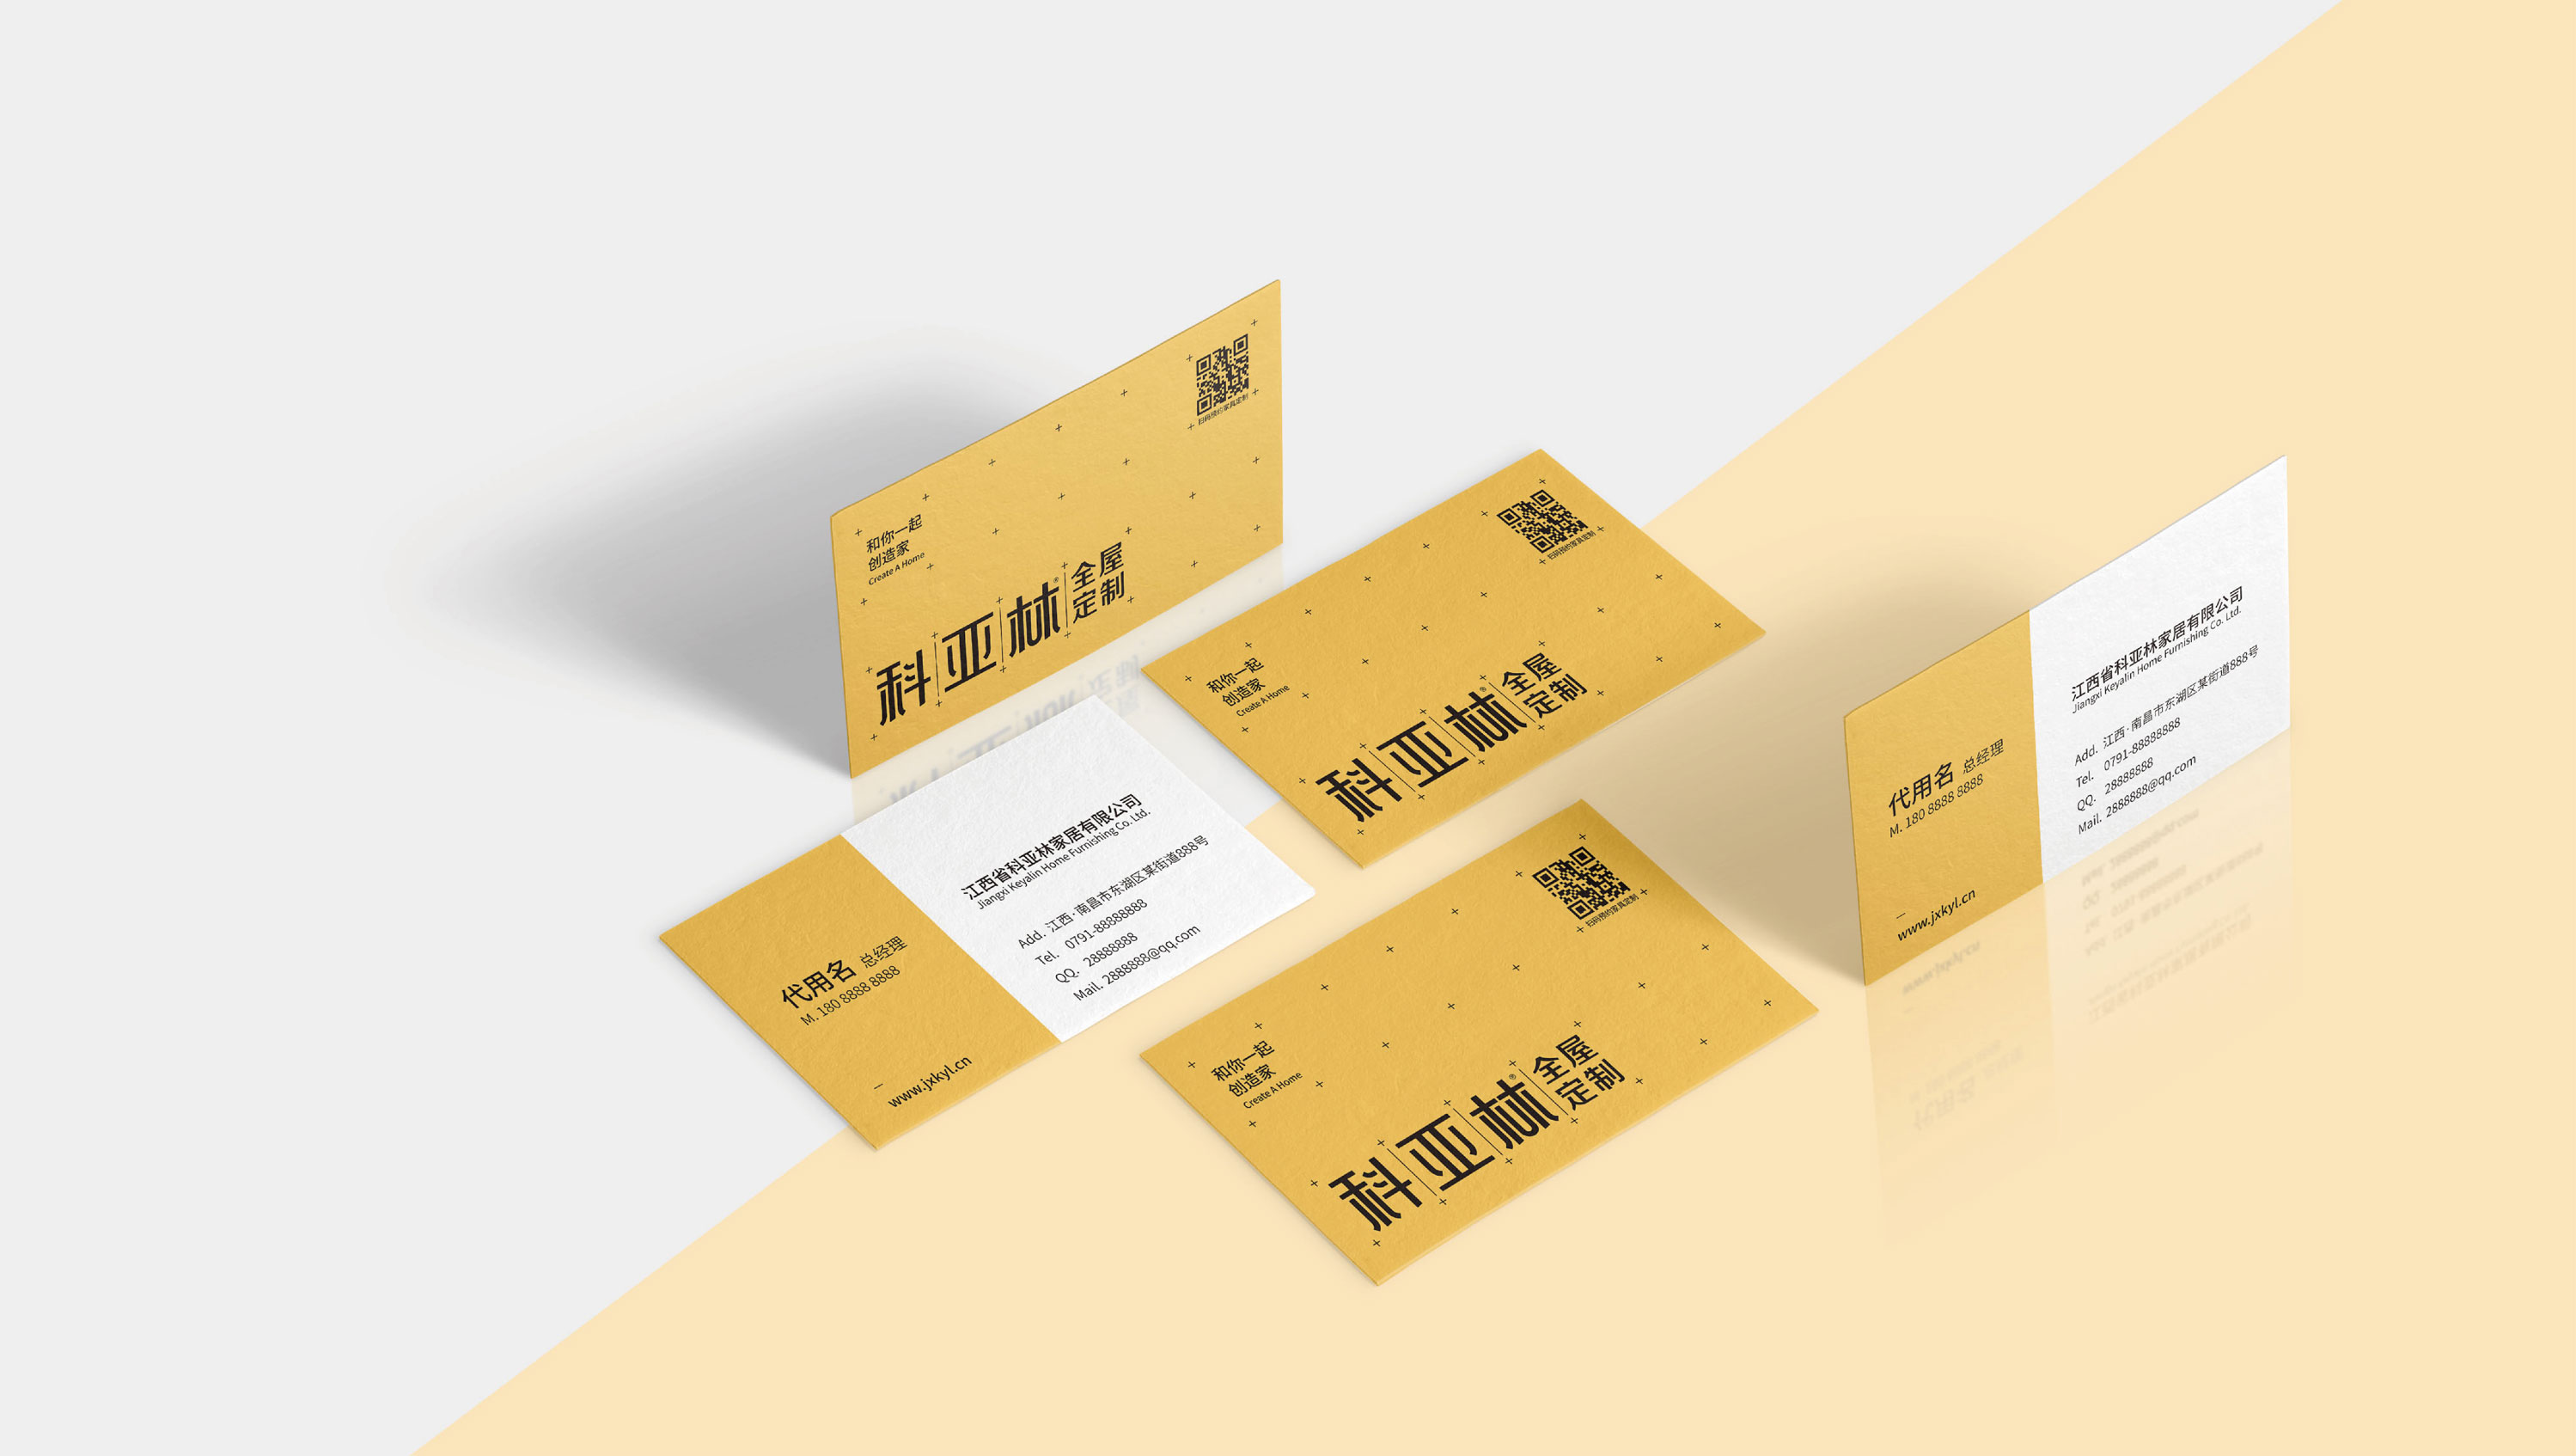 懿木品牌设计-科亚林7